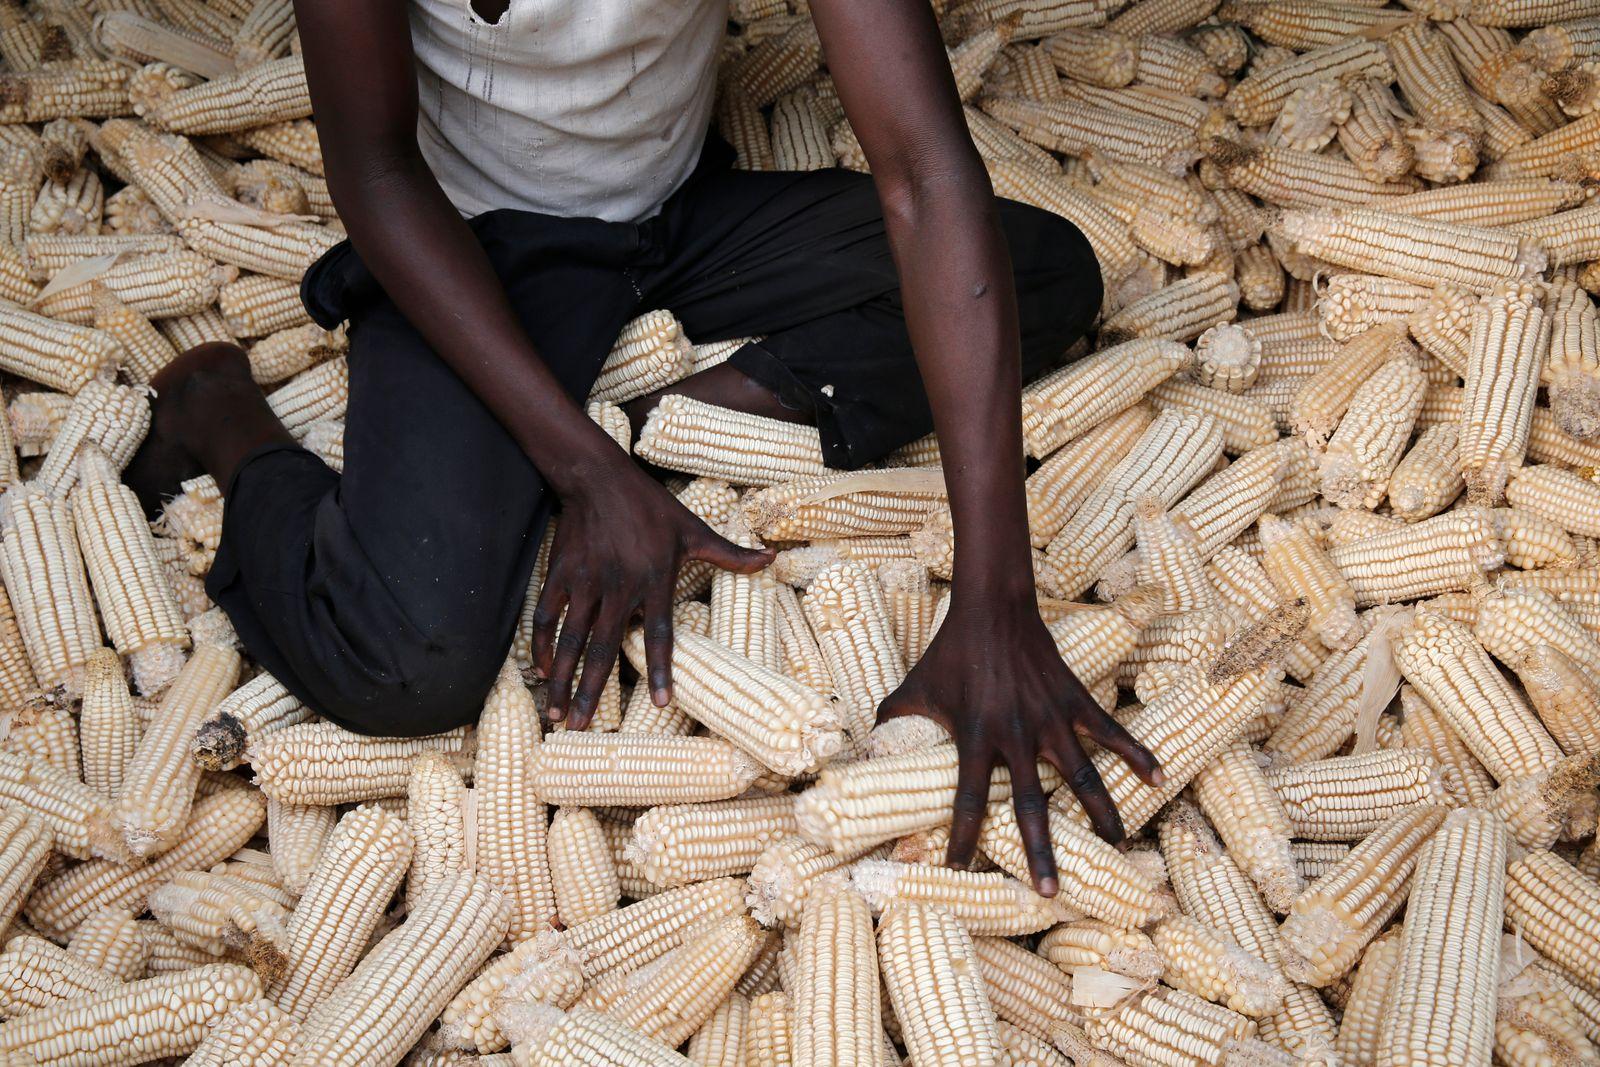 Boy gathering maize. Uganda